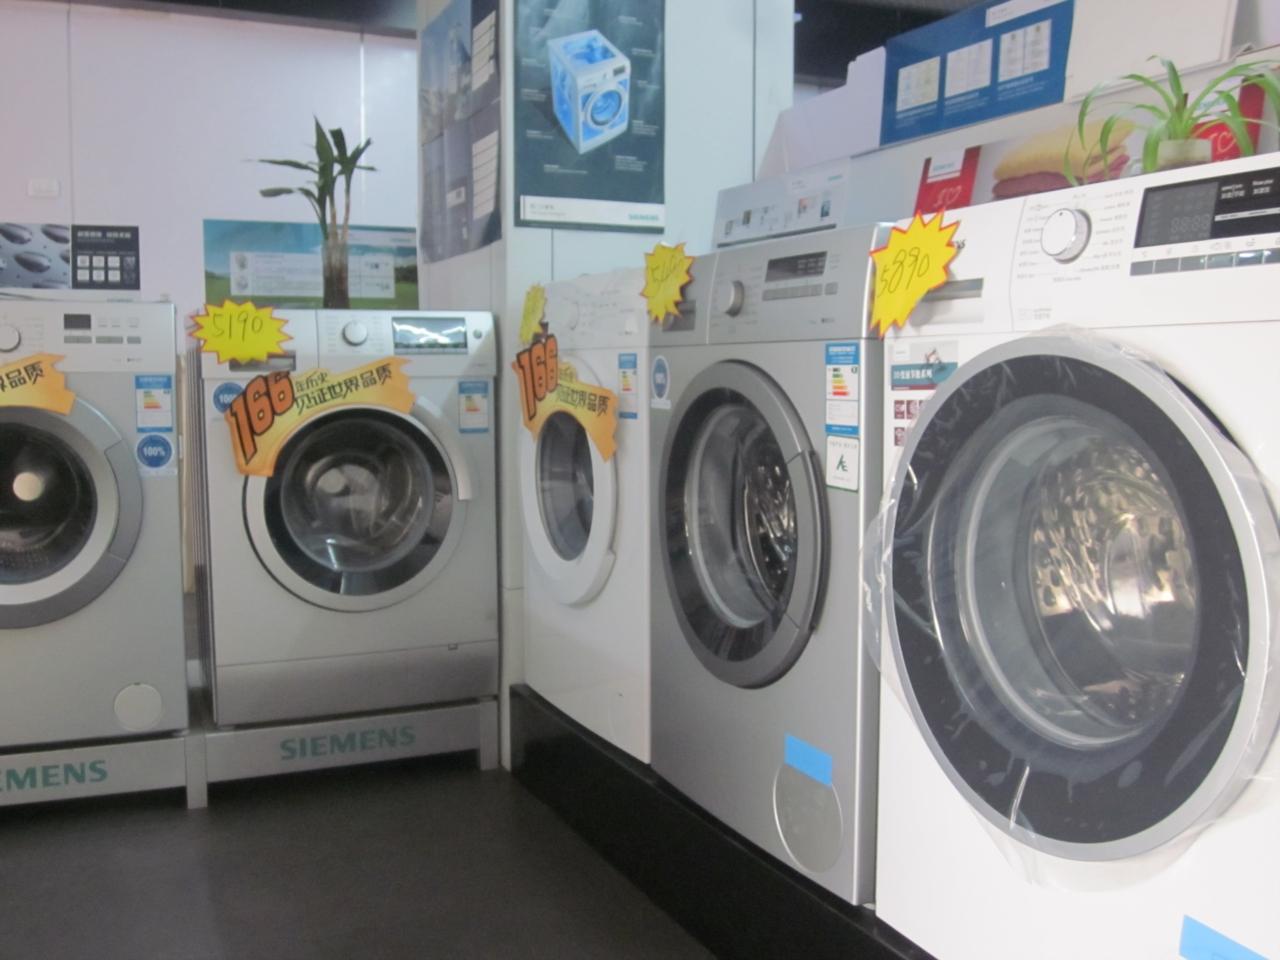 主要经营西门子冰箱,洗衣机,电热水器,厨房电器及西门子小家电.